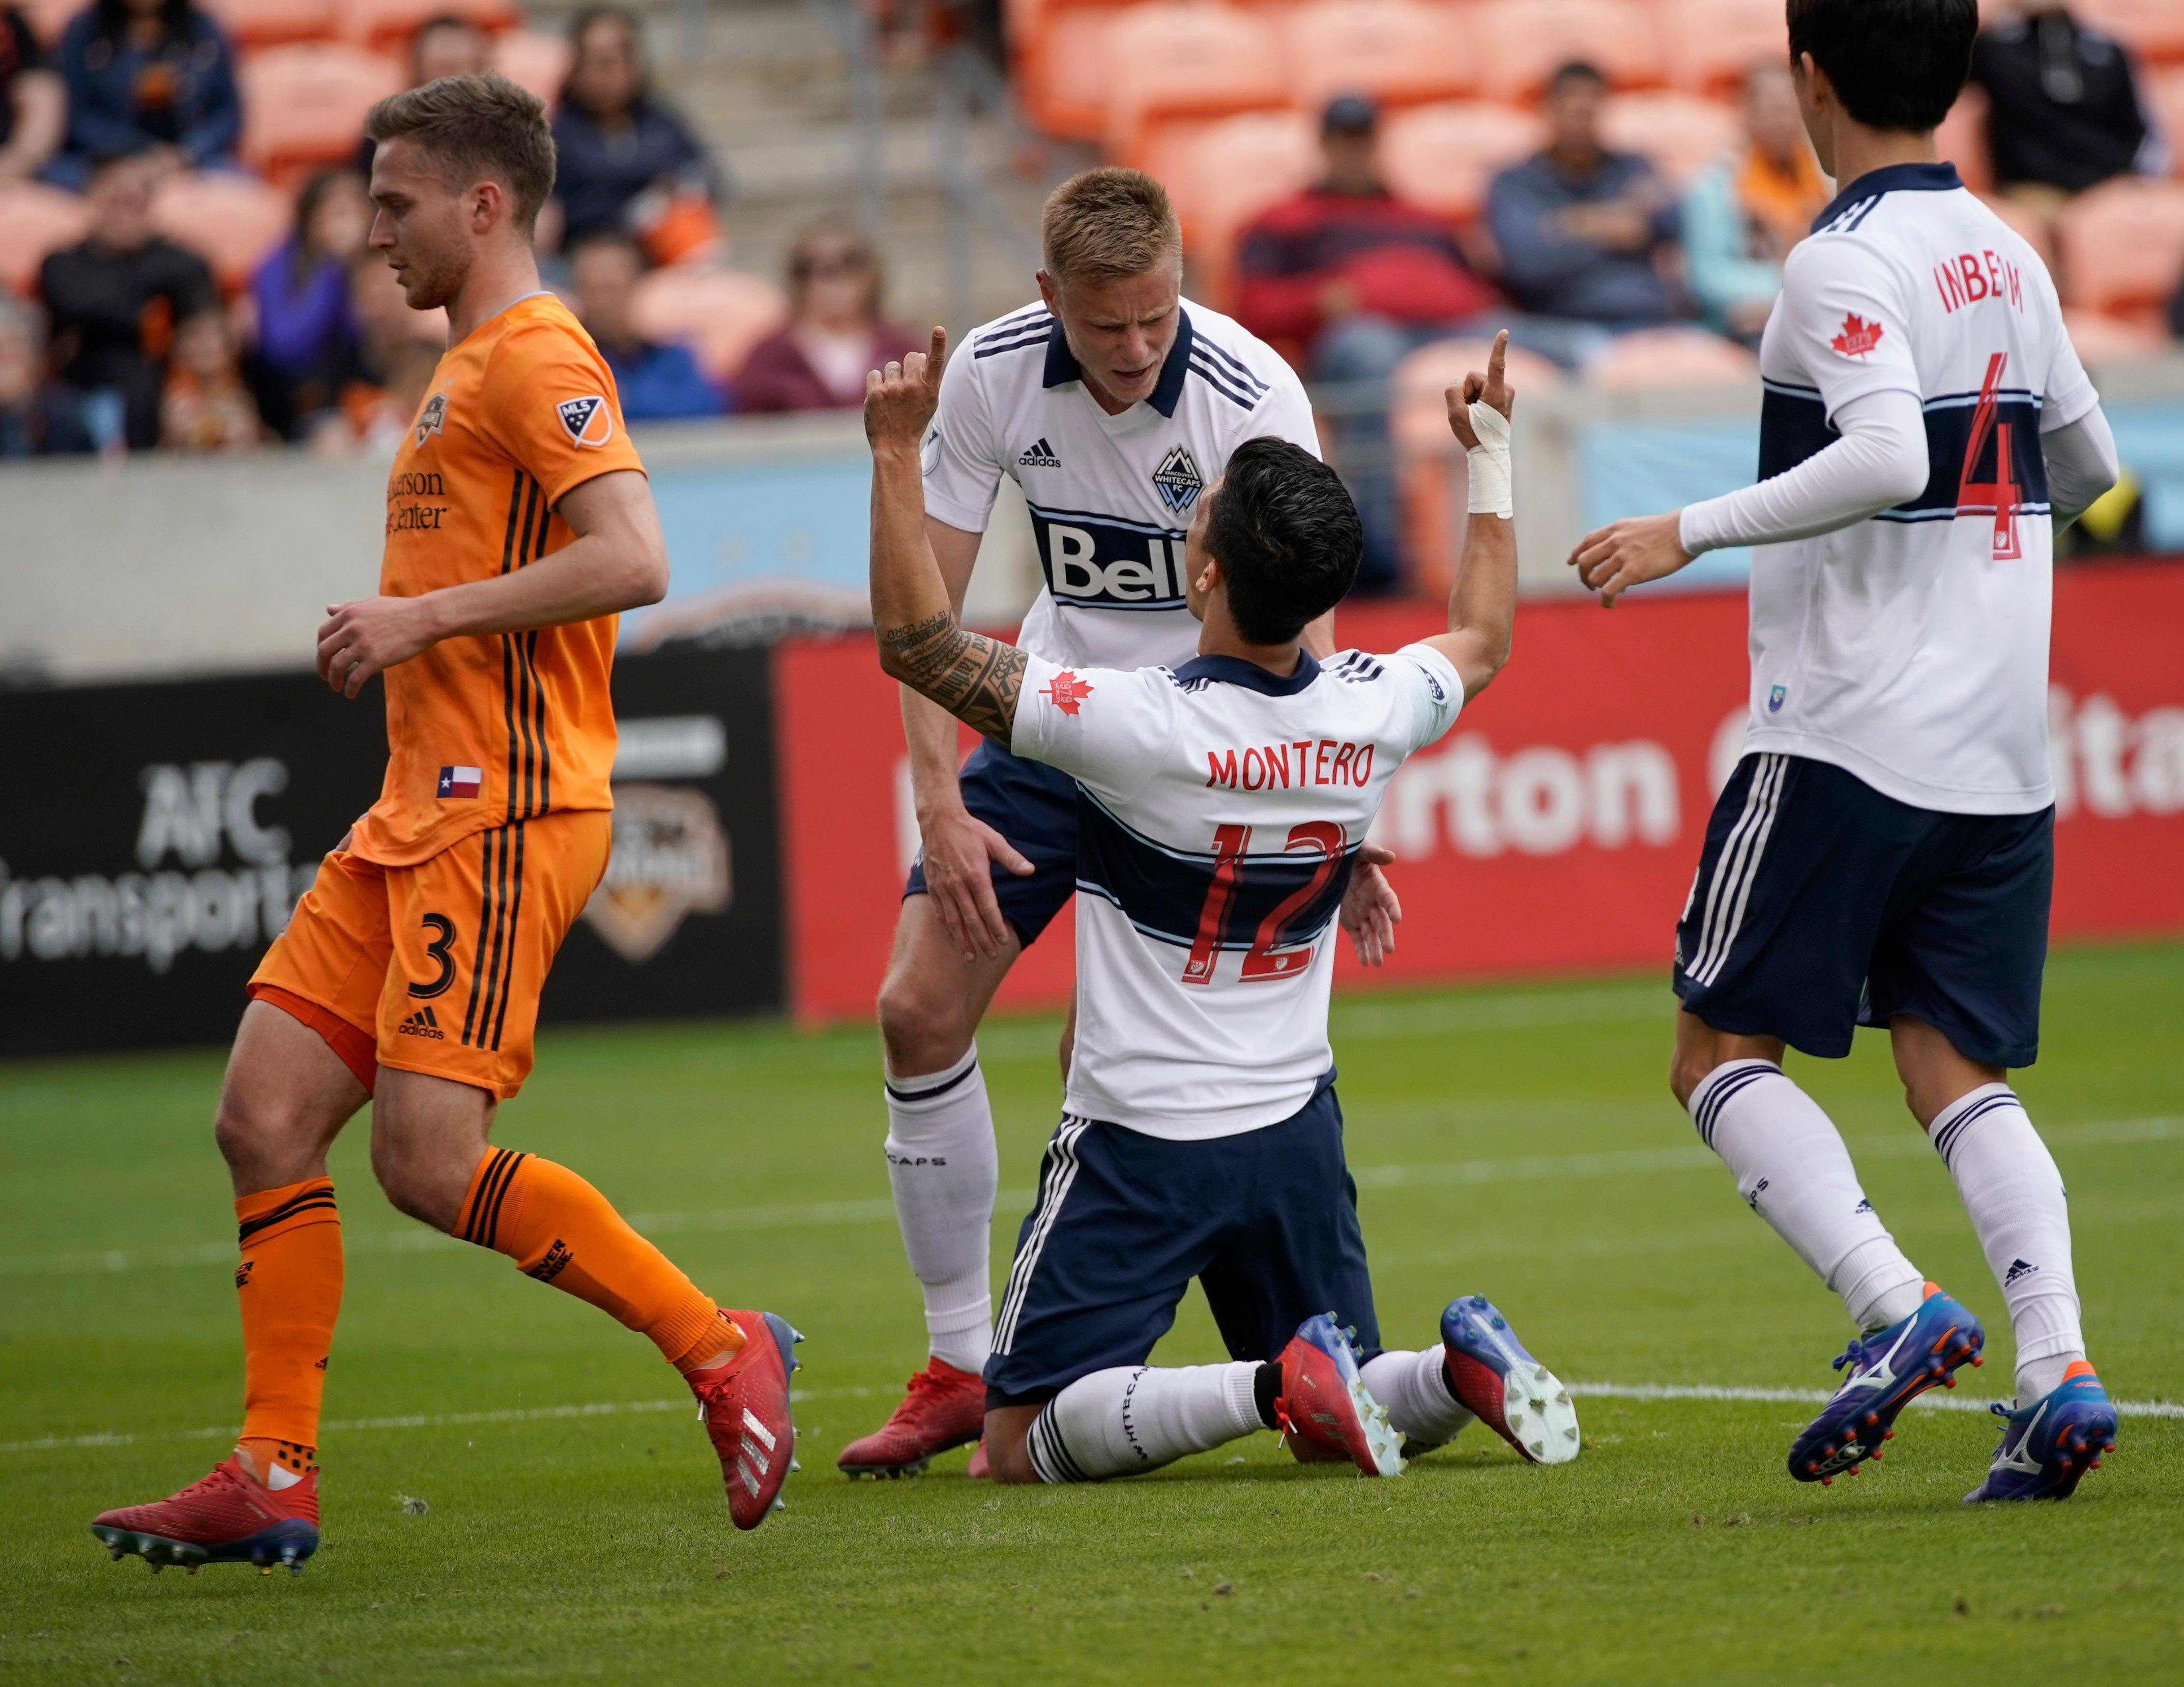 Rodriguez scores 2 goals, Dynamo beat Whitecaps 3-2